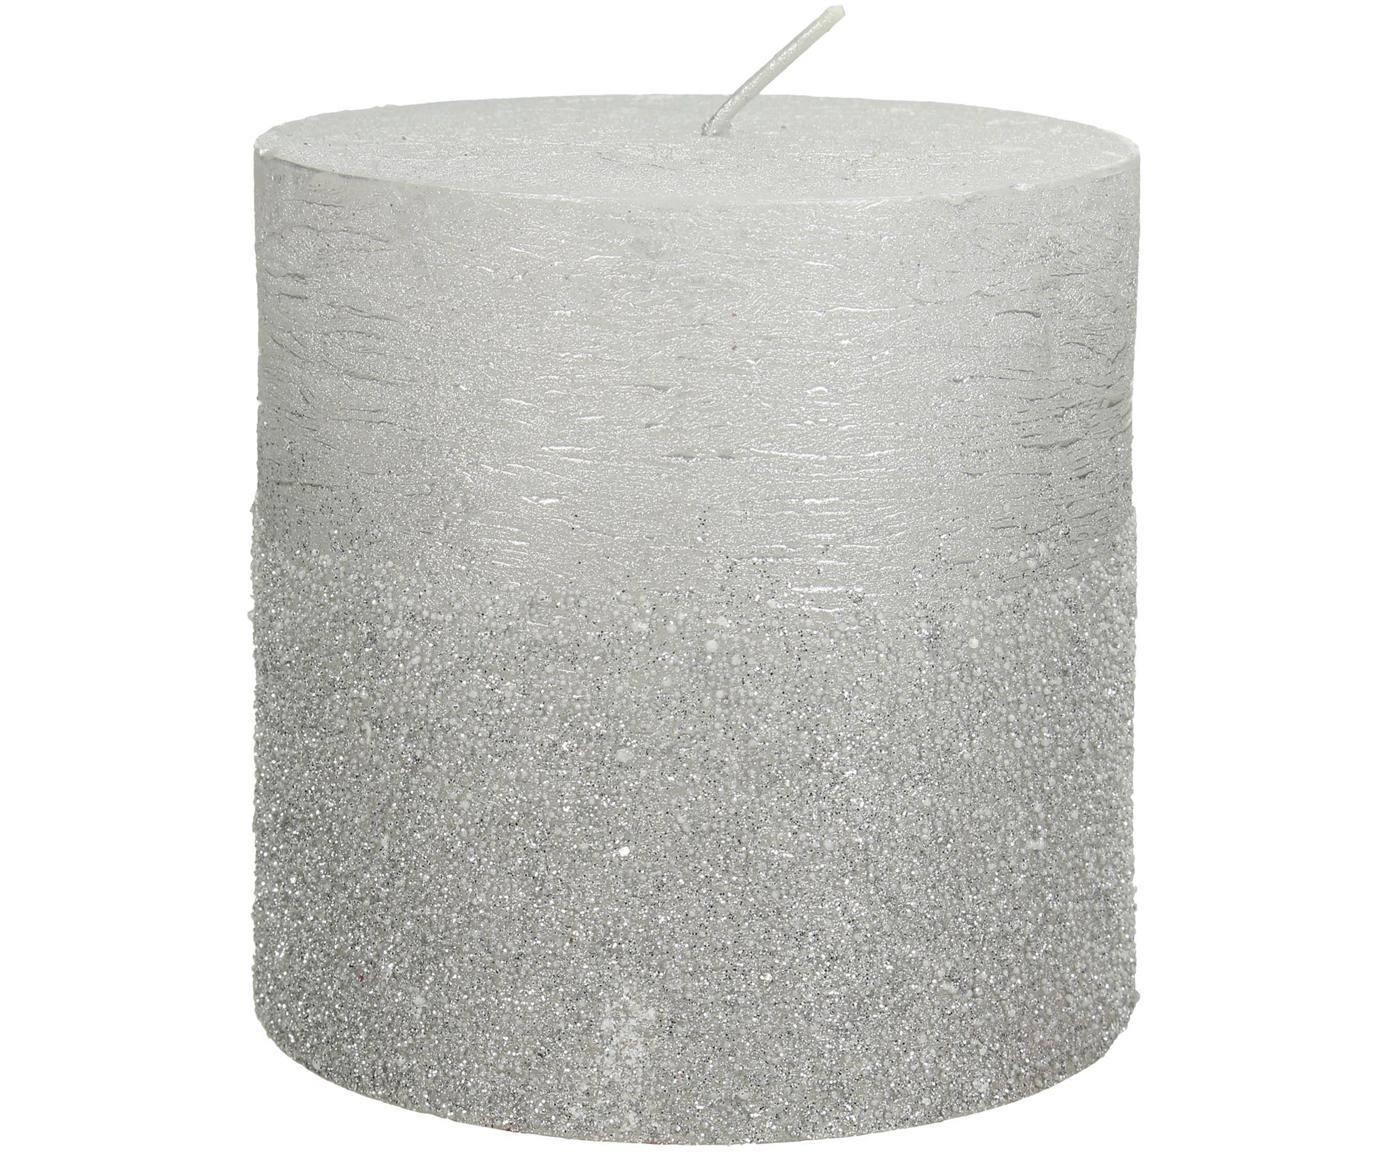 Stompkaars Glitters, Was, Edelstaalkleurig, Ø 10 cm